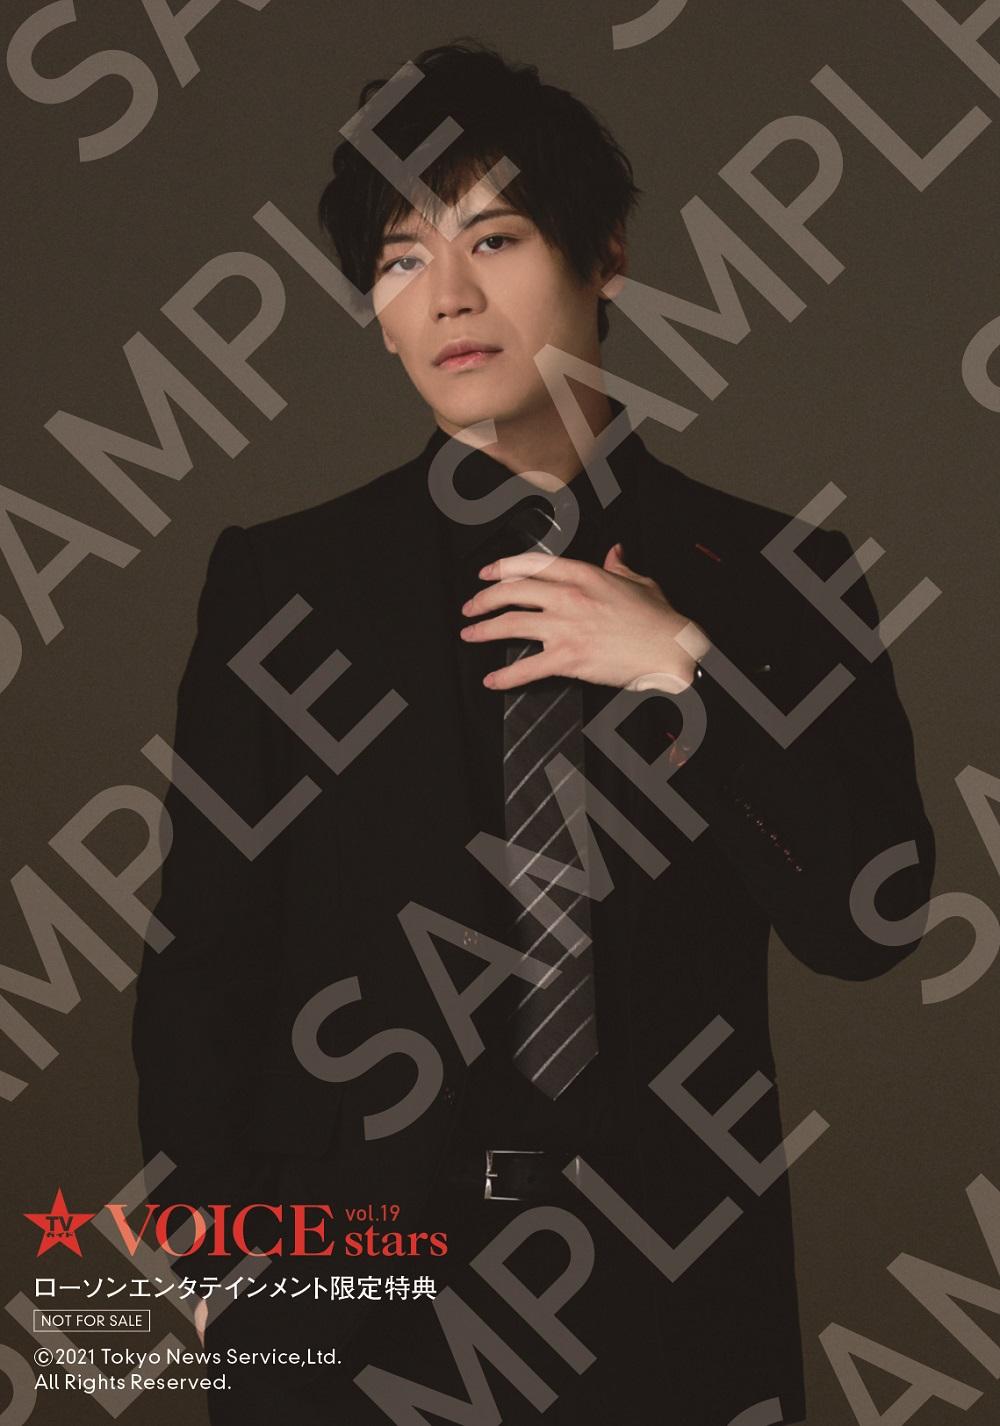 「TVガイドVOICE STARS vol.19」ローソンエンタテインメント(※WEBのみ)購入特典・生写真:古川慎さん